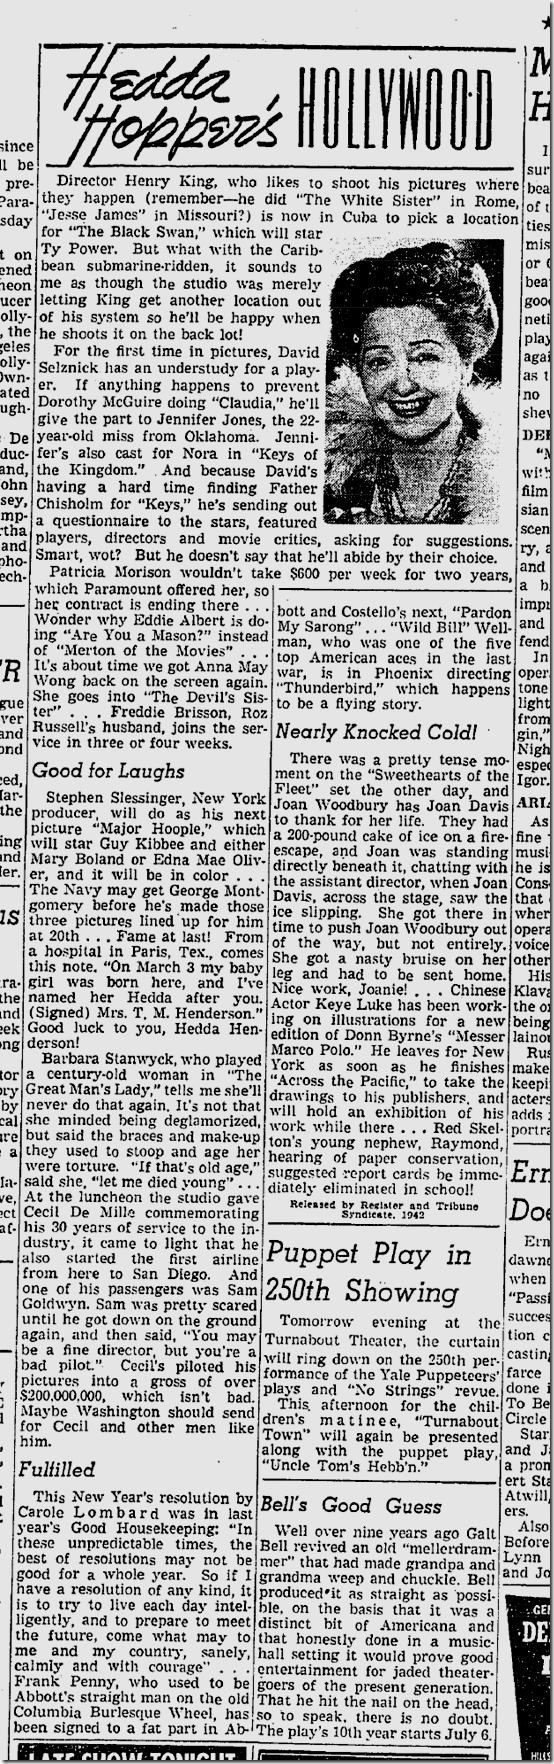 March 14, 1942, Hedda Hopper